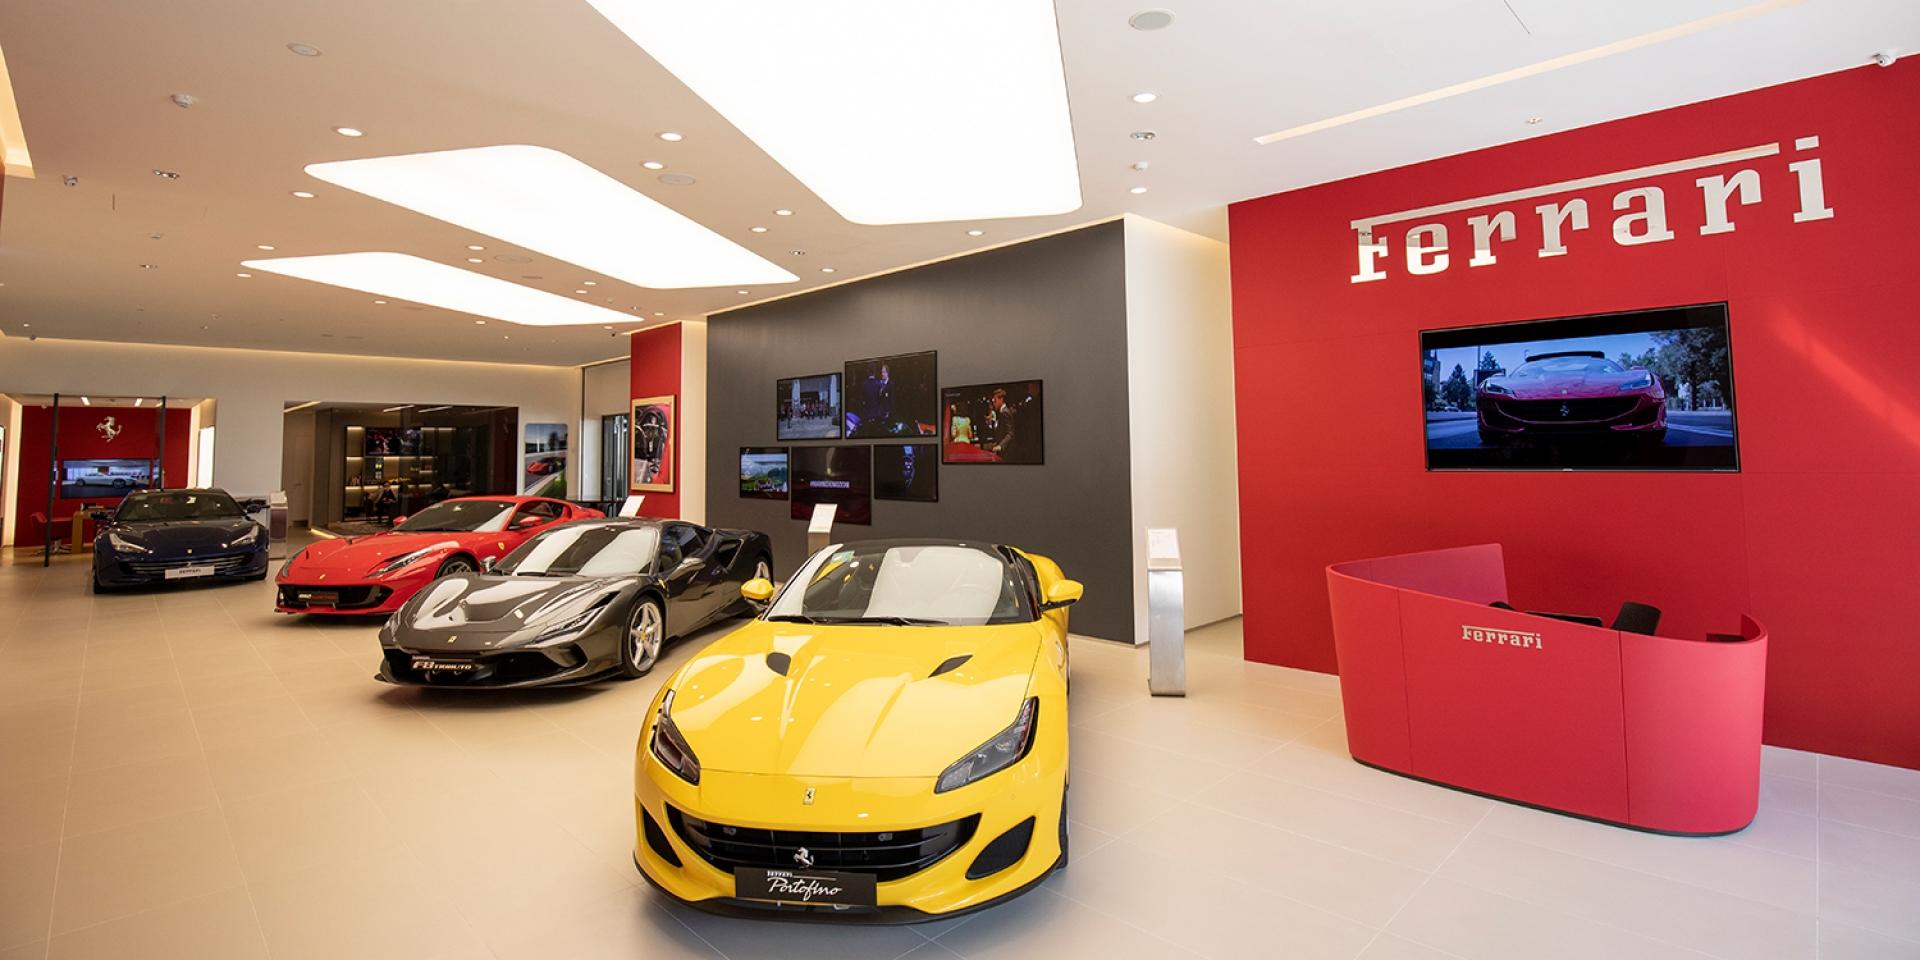 官方新聞稿。全亞太區首間亮相,Ferrari 法拉利臺中展示中心重新盛大開幕